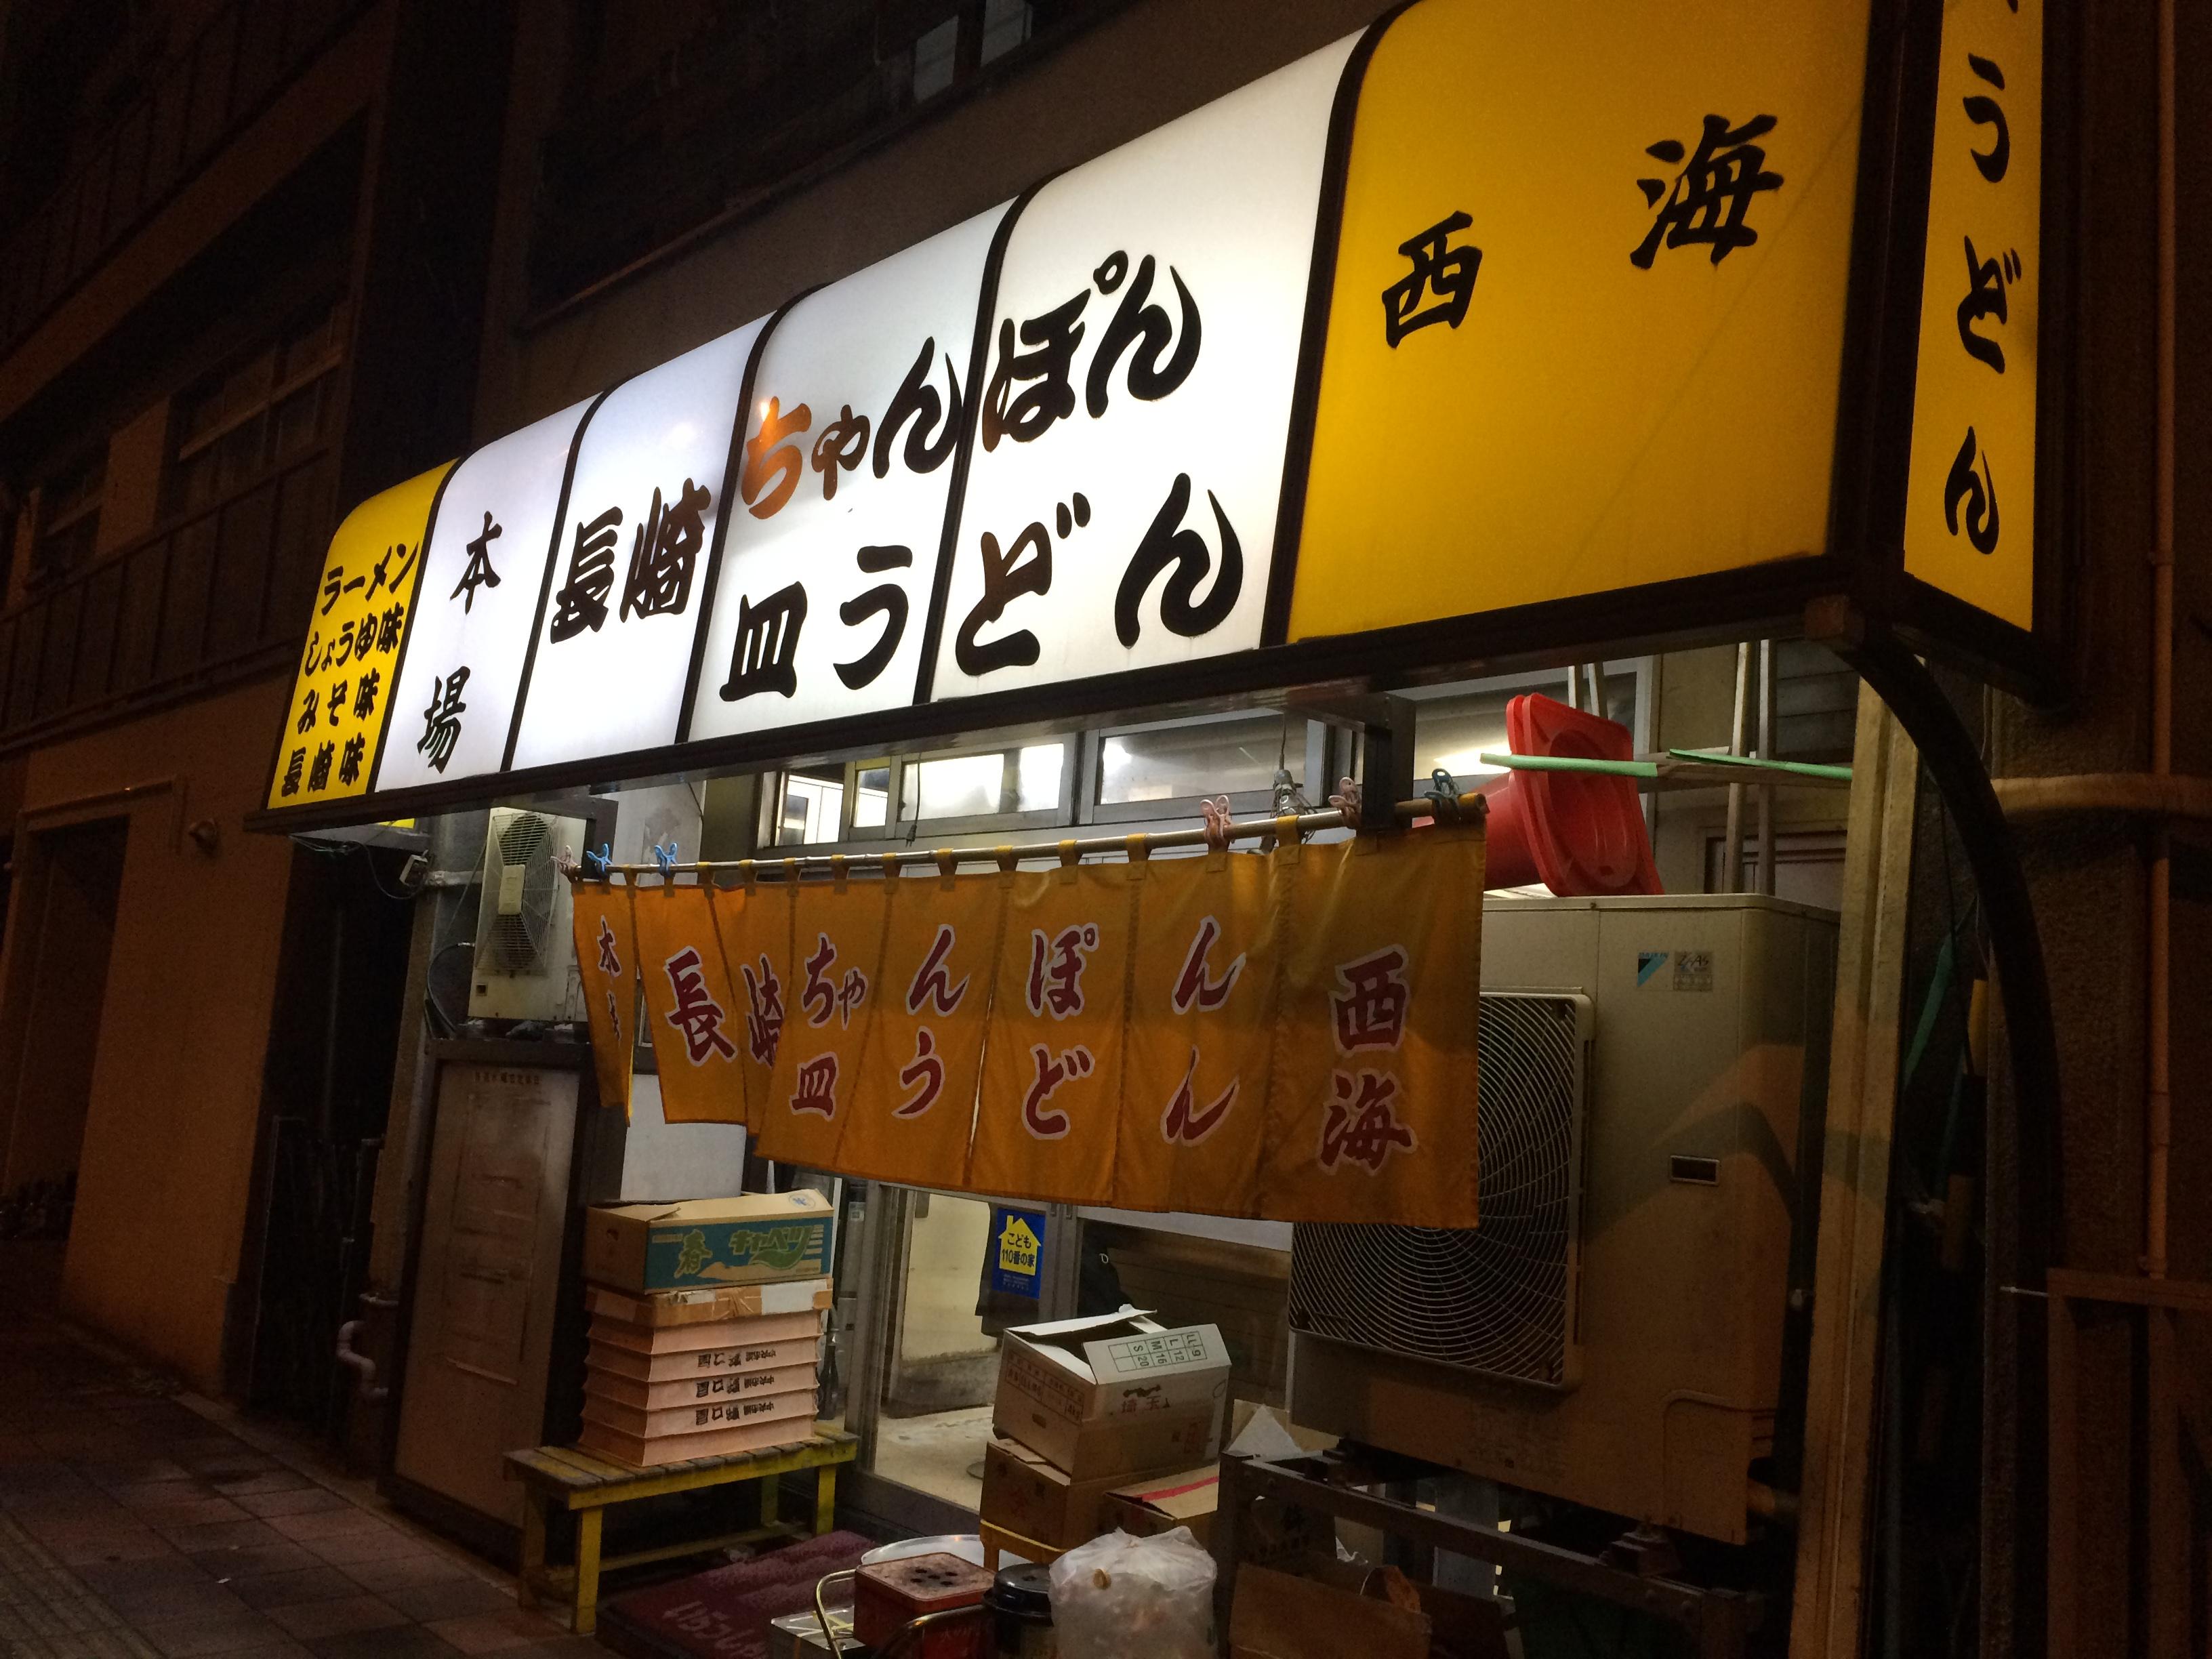 丸正スタッフがご案内する美味しいお店・長崎ちゃんぽん西海